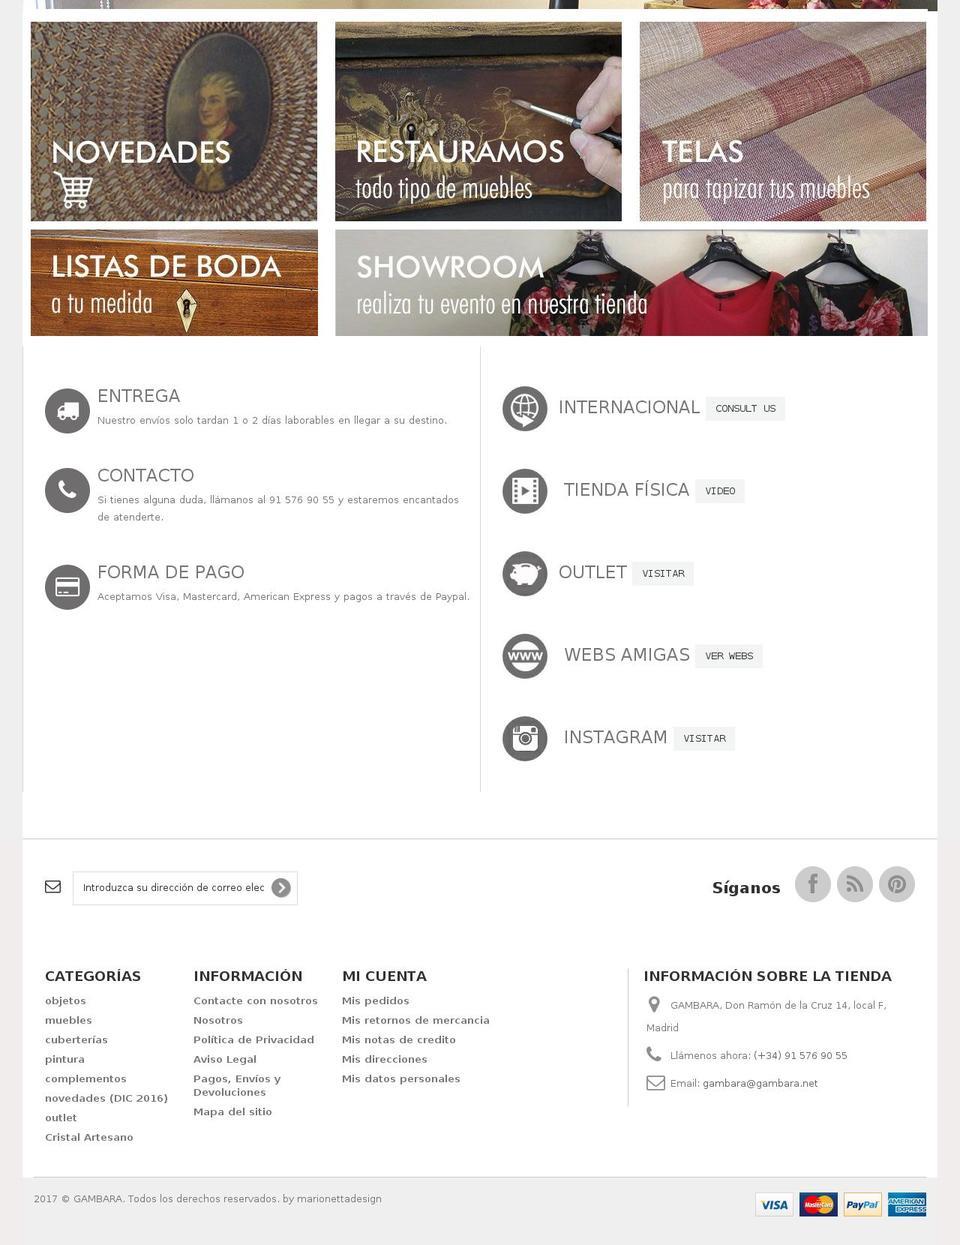 Fidelity PrestaShop theme store examples, Fidelity theme